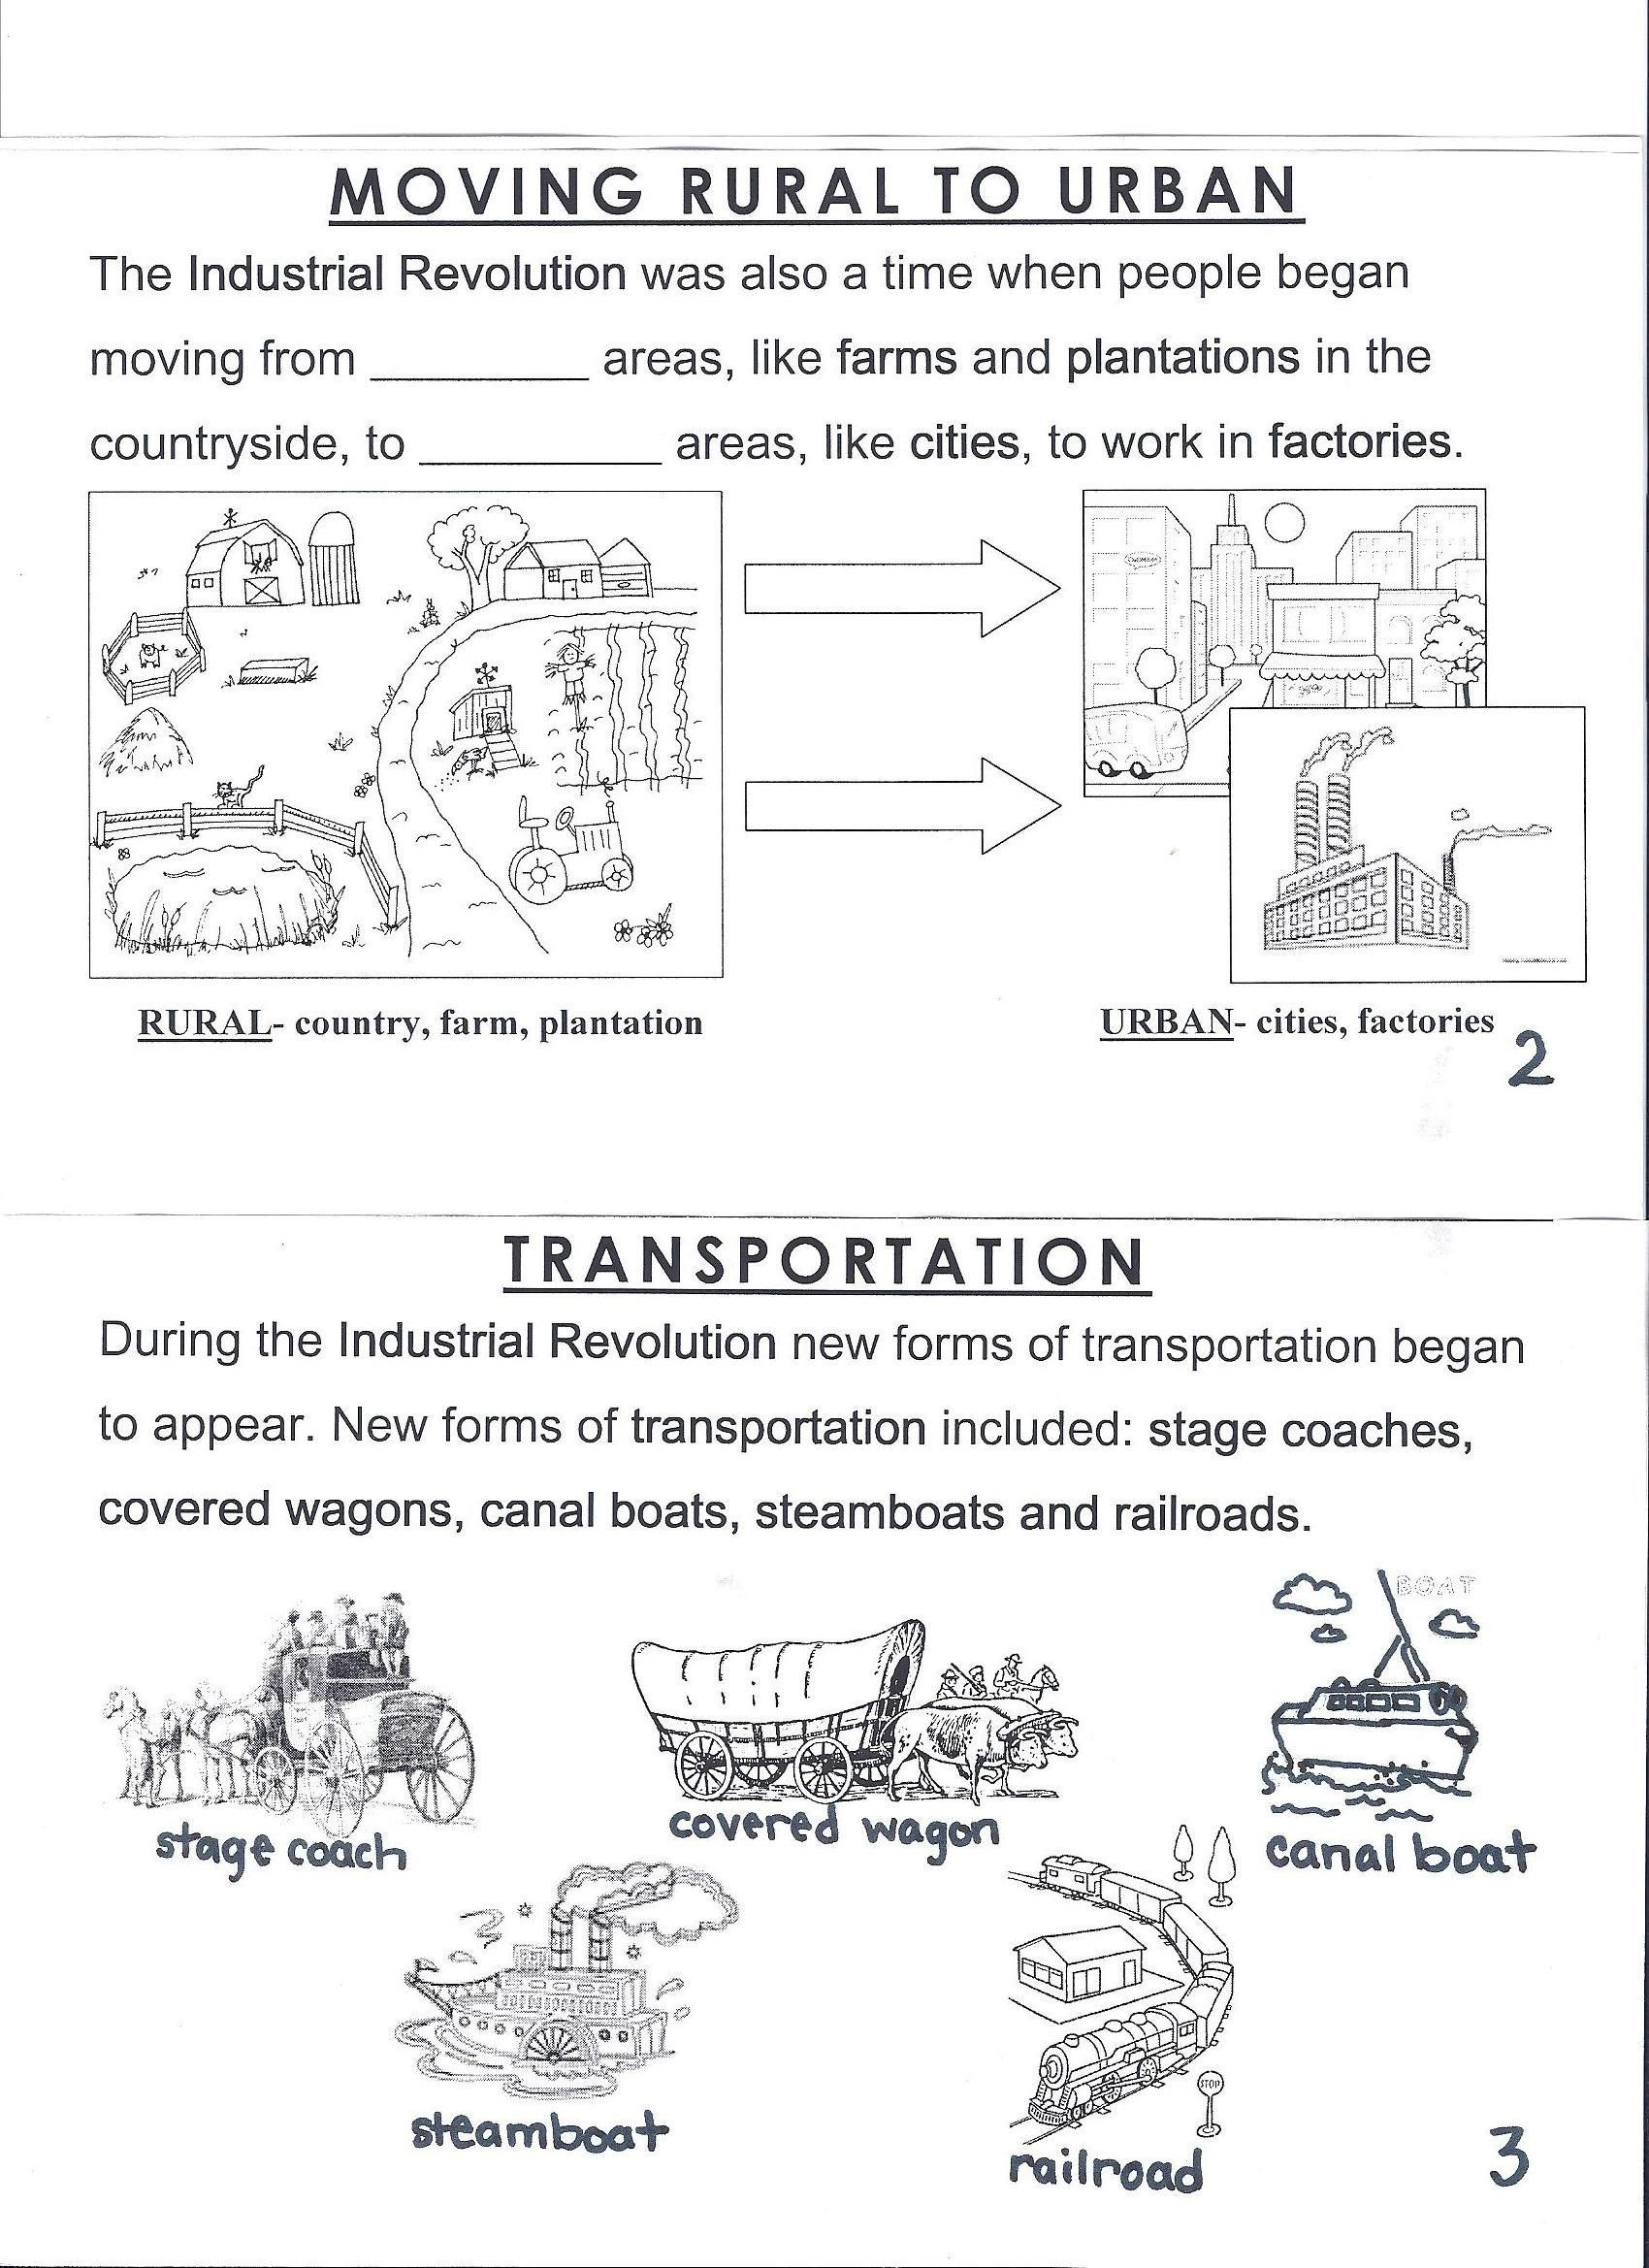 medium resolution of Industrial+Revolution+2.jpg 1